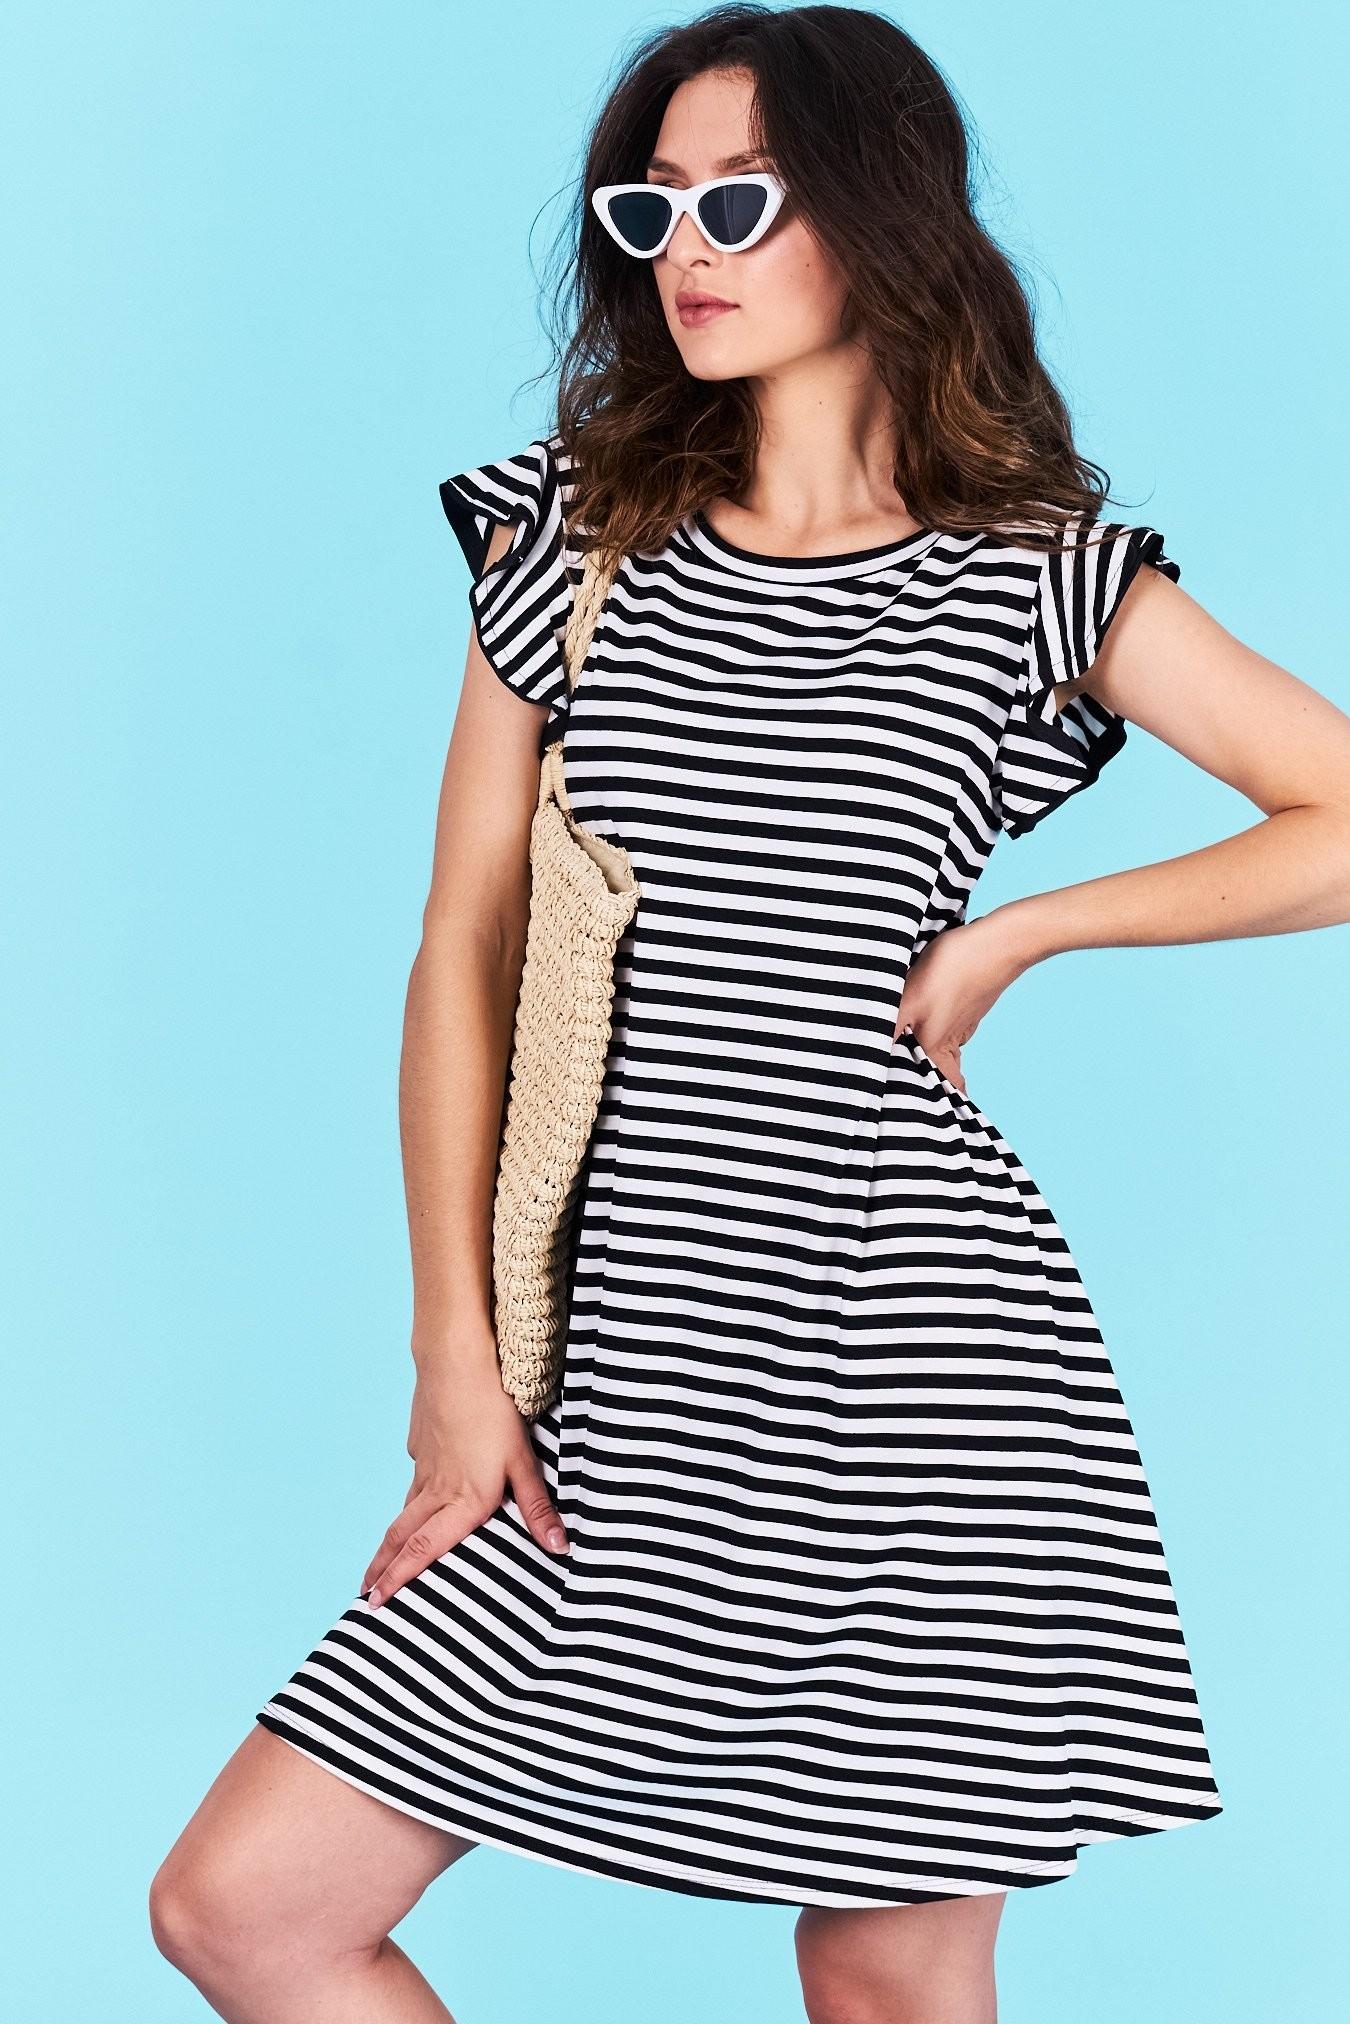 Dámske pruhované šaty čierne Jasmine Veľkosť UNI-verzálna Vyrobené z  príjemného materiálu. Pohodlné šaty dd21add0077